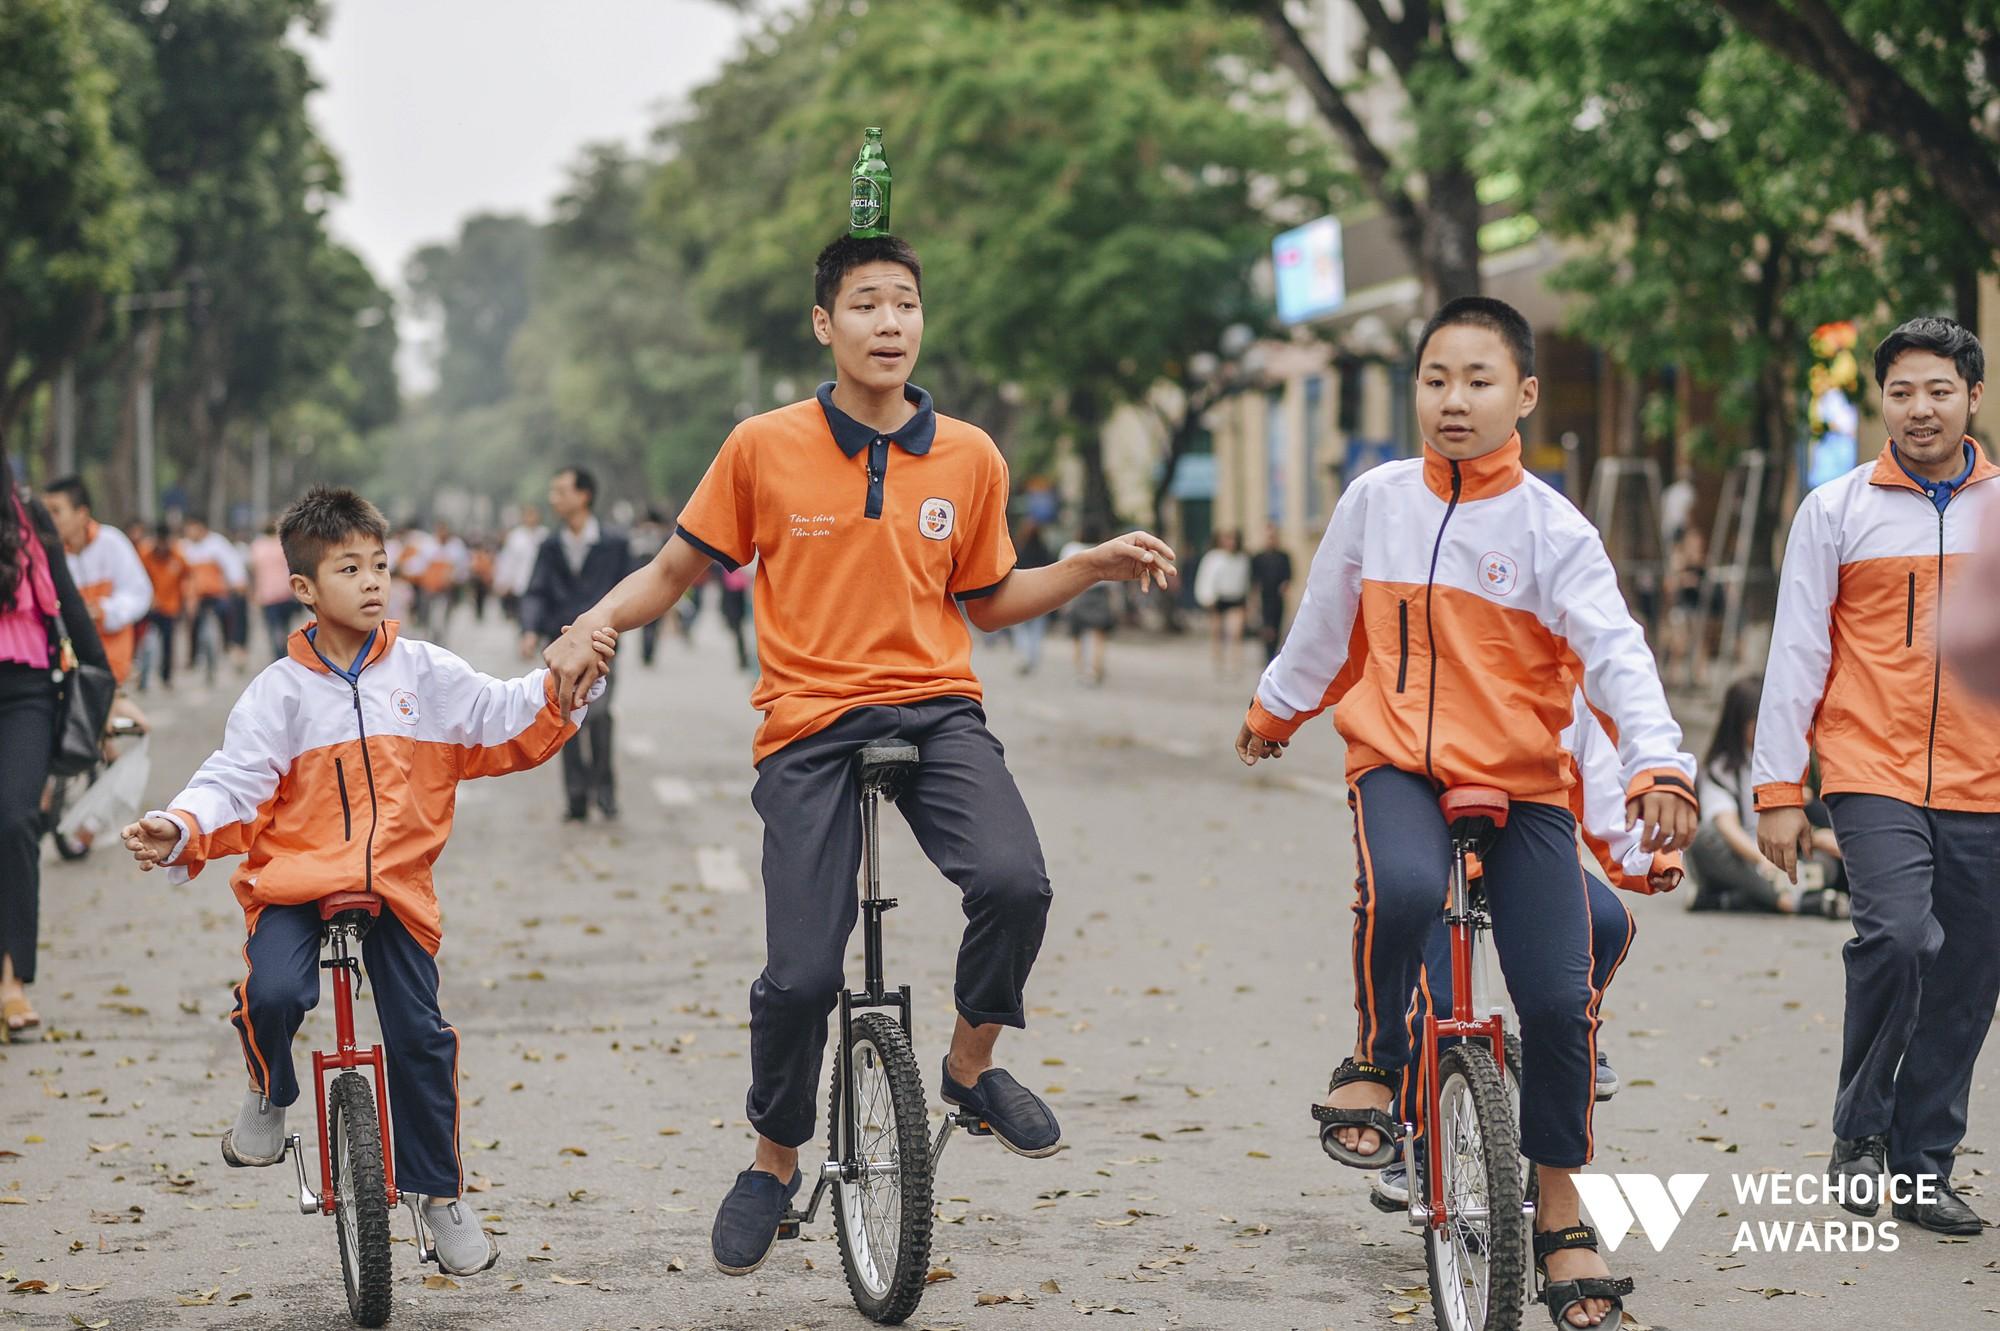 Phía sau hành trình kỳ diệu của một cậu bé tự kỷ trở thành Kỷ lục gia xiếc Việt Nam: Bây giờ mọi người nói thế nào, không quan trọng nữa! - Ảnh 5.